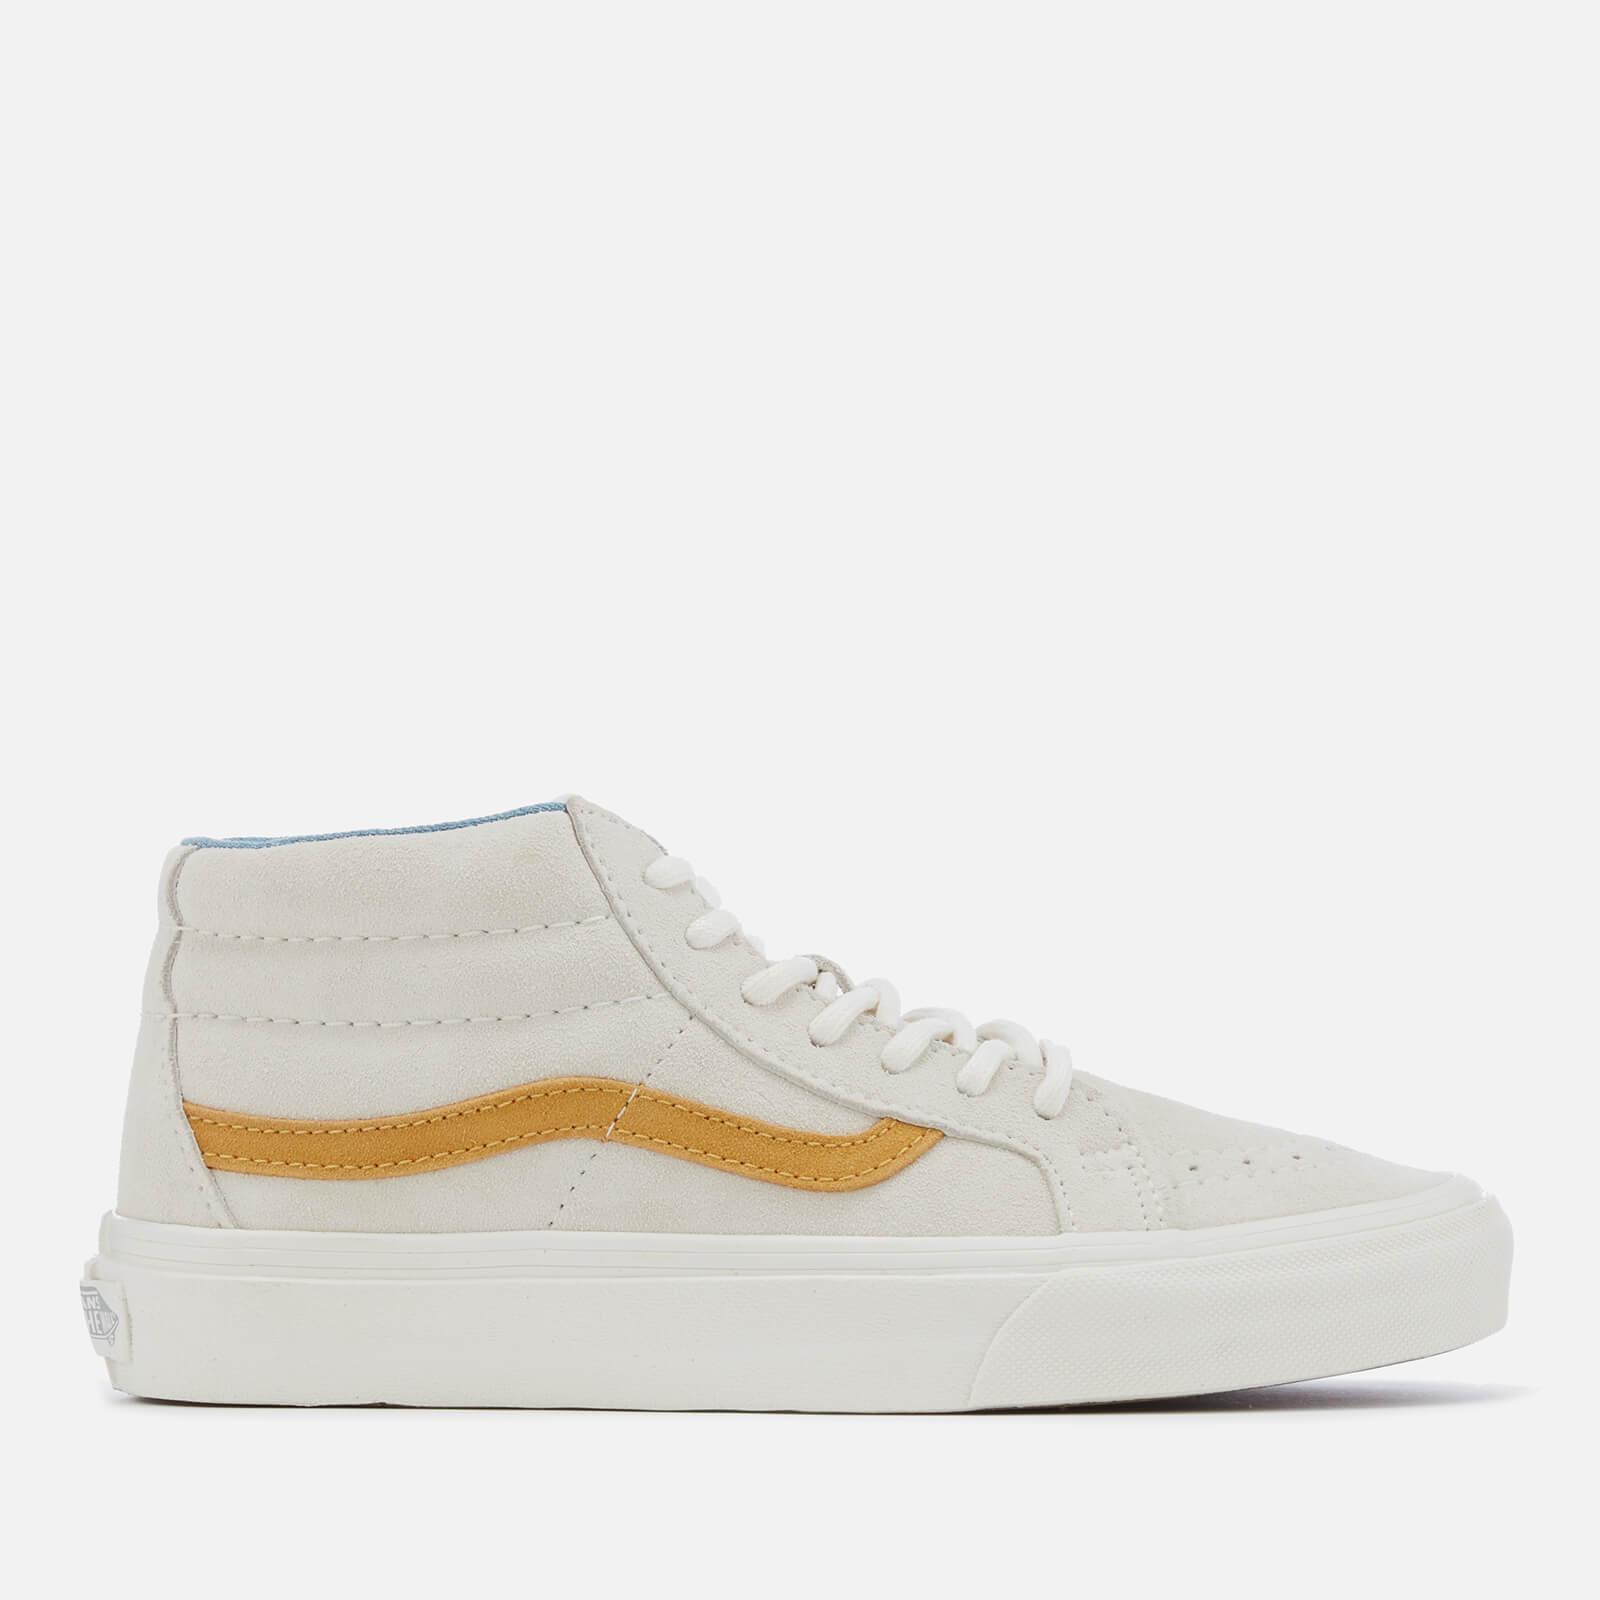 Gute Qualität Vans SK8 Mid Reissue Frauen Schuhe (Retro